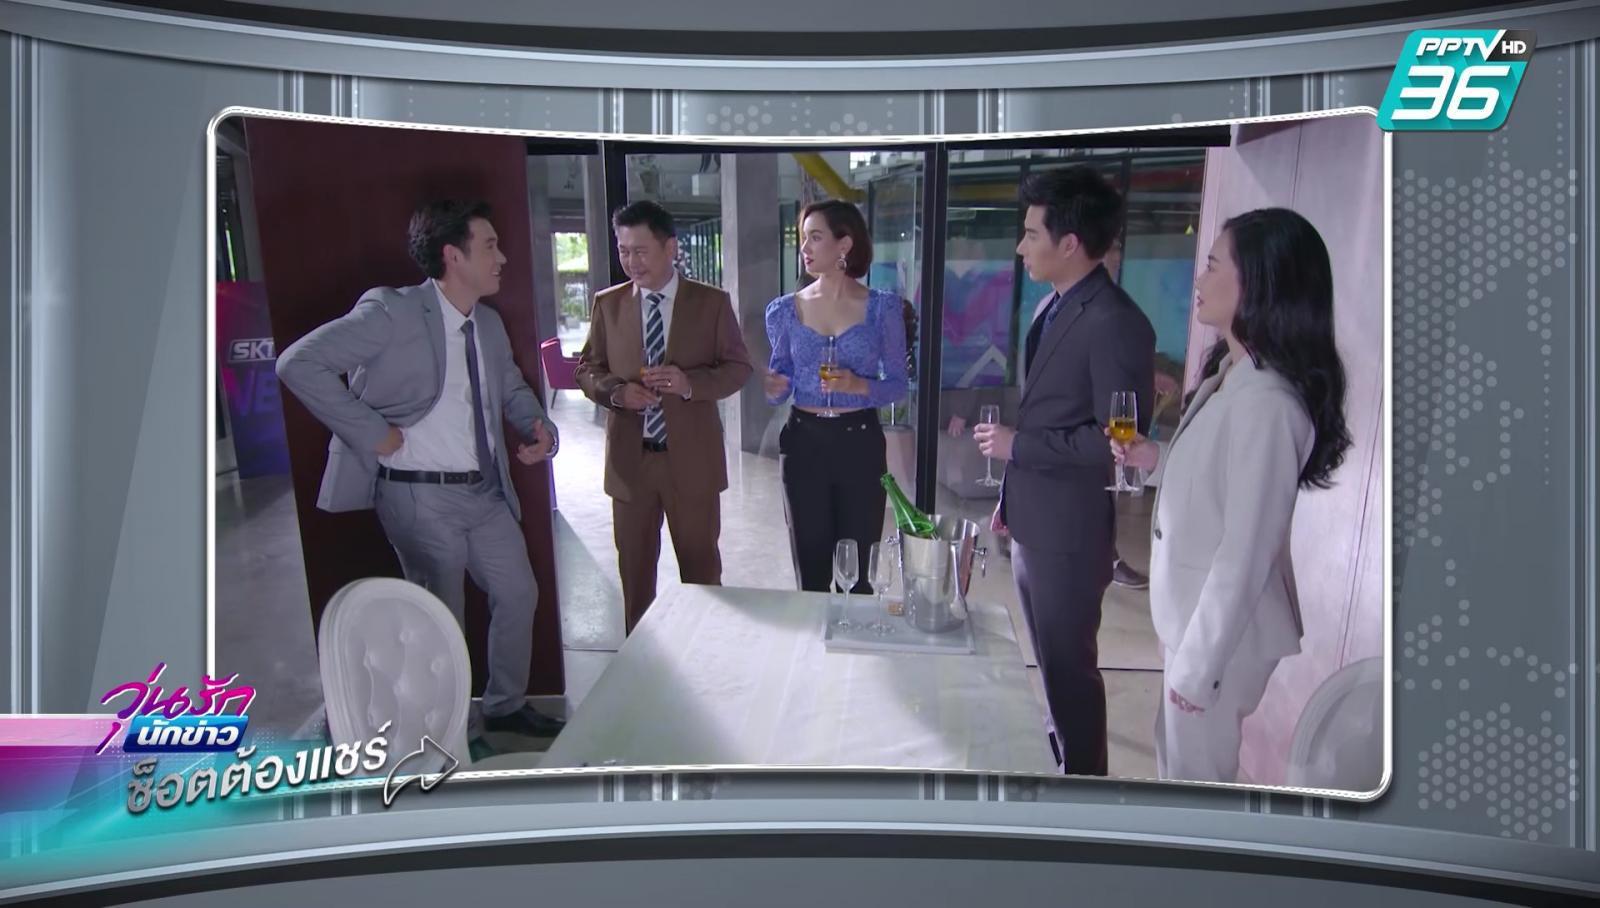 วุ่นรักนักข่าว EP.8 | ฟินสุด | ช็อตต้องแชร์ | PPTV HD 36